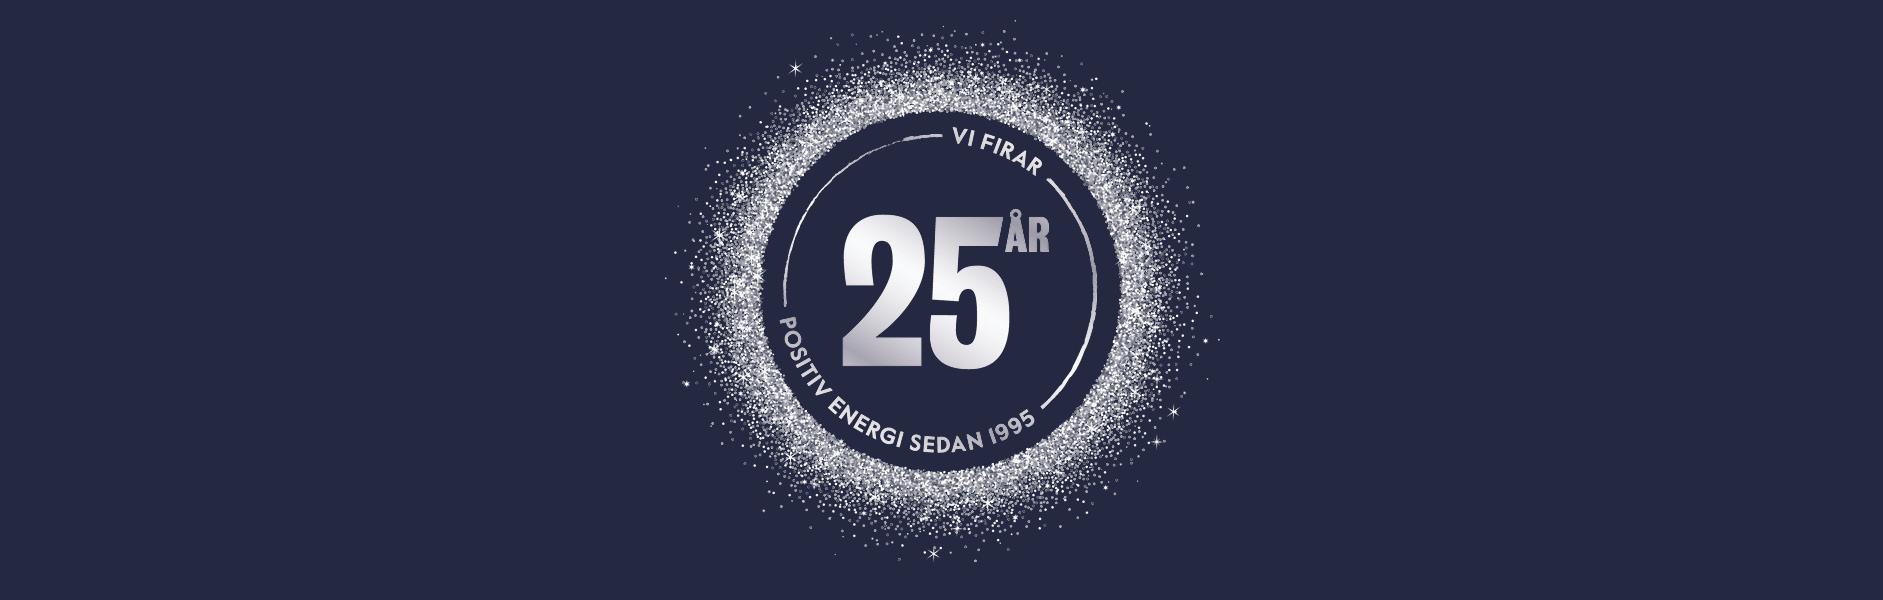 25-jubileum-aktuellt